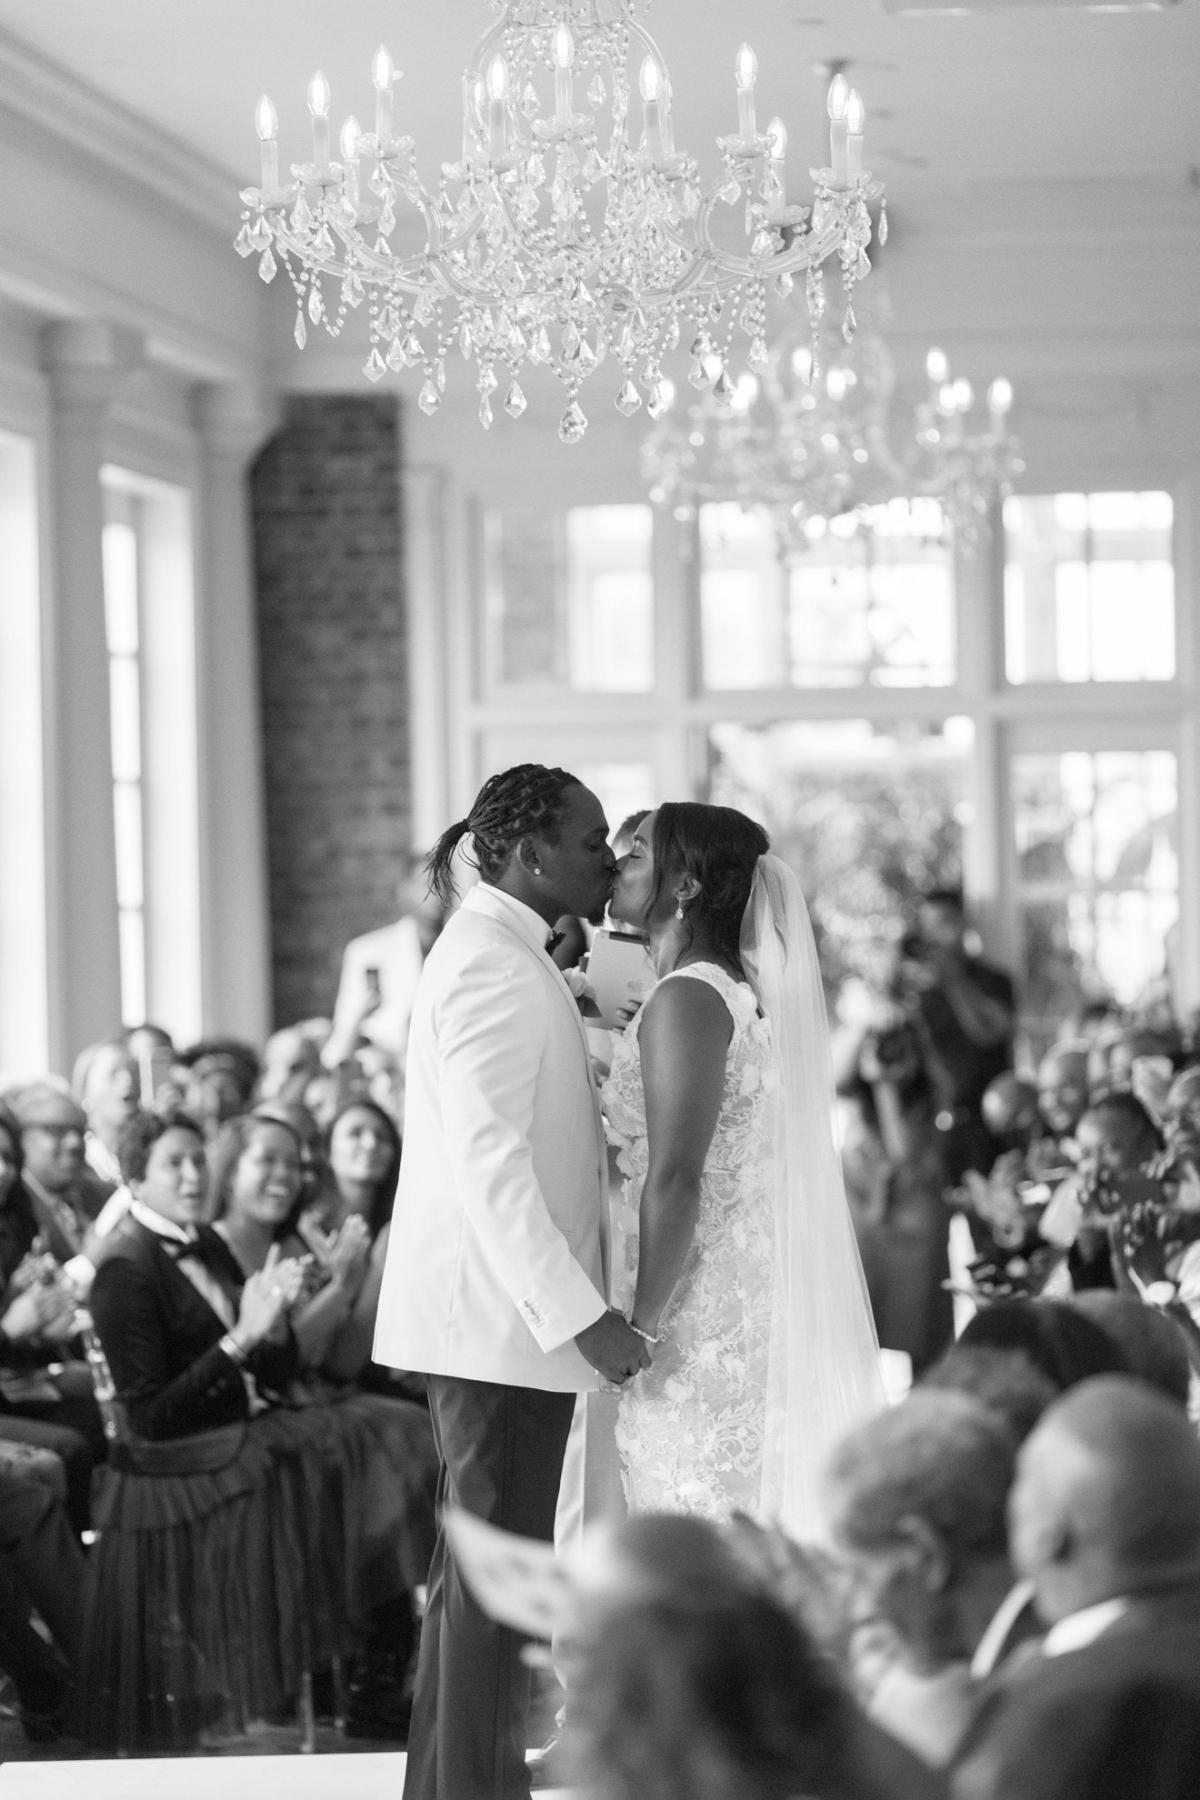 Vào một ngày hè năm 2018, rapper Pusha Tđã kết hôn với bạn gái lâu năm Virginia Williamstại quê hương ở Virginia Beach.Pusha mặc một chiếc áo khoác dạ Dior và quần tuxedo do Kim Jones thiết kế, trong khi Williams mặc một chiếc váy thêu Marchesa cho buổi lễ.